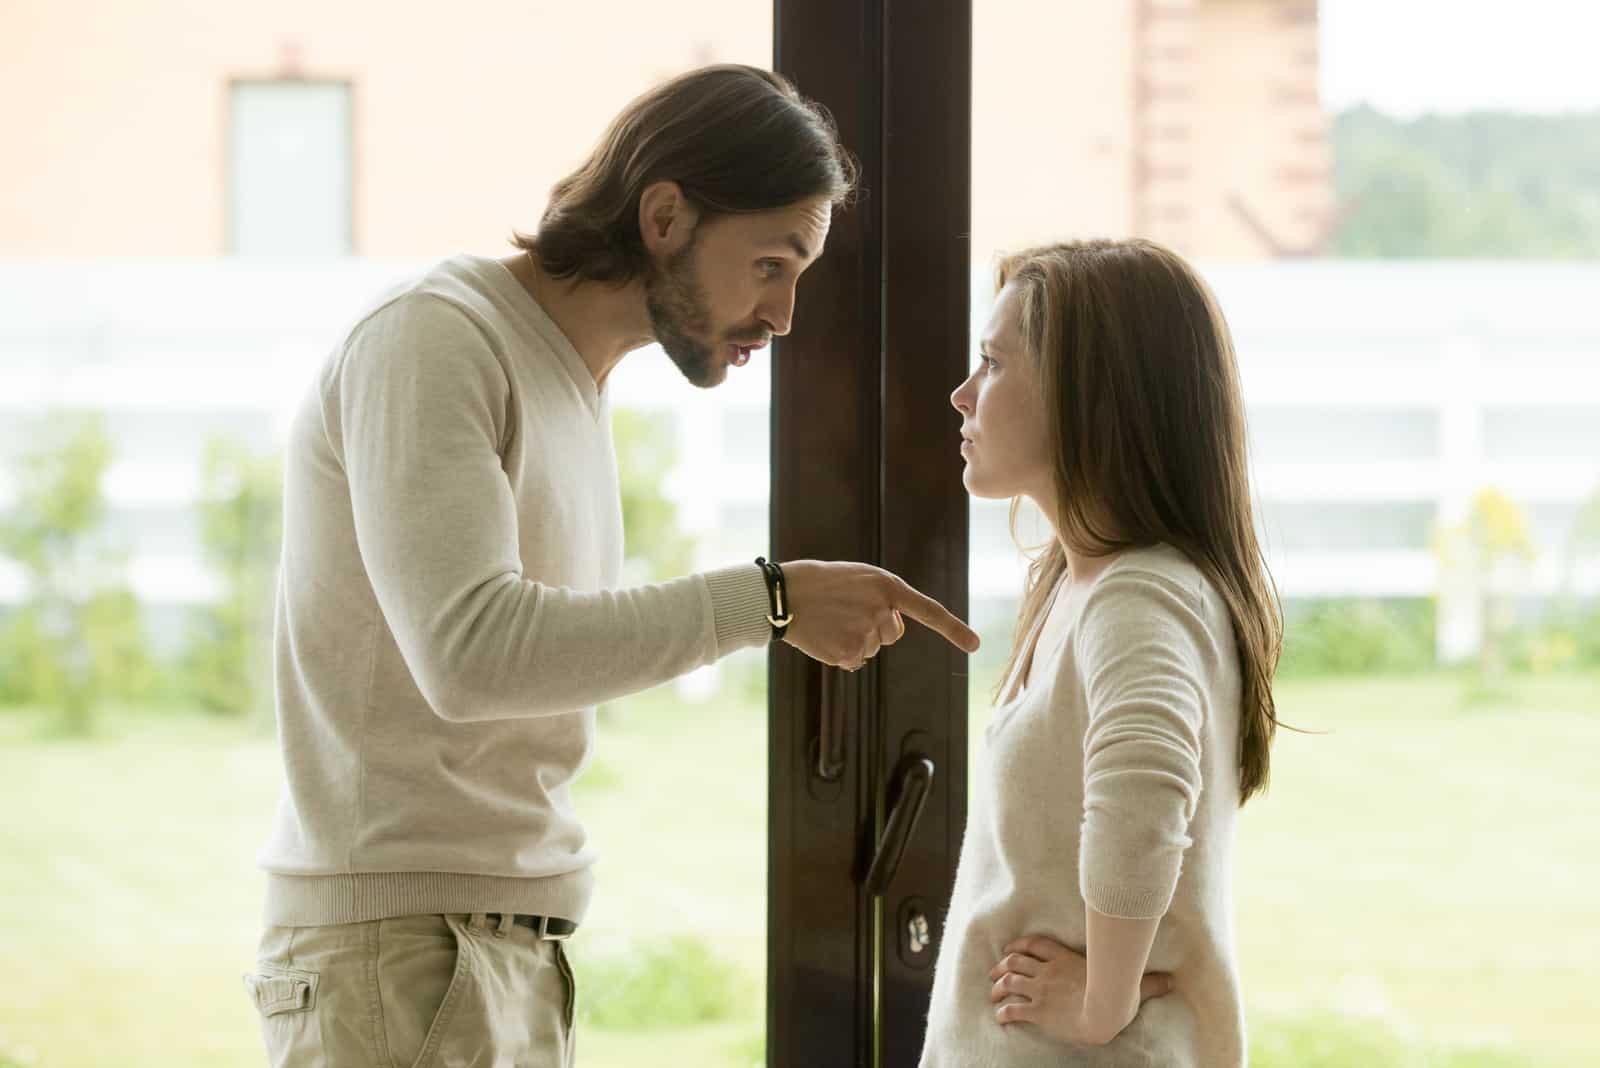 un homme parle à une femme en se tenant près d'une porte